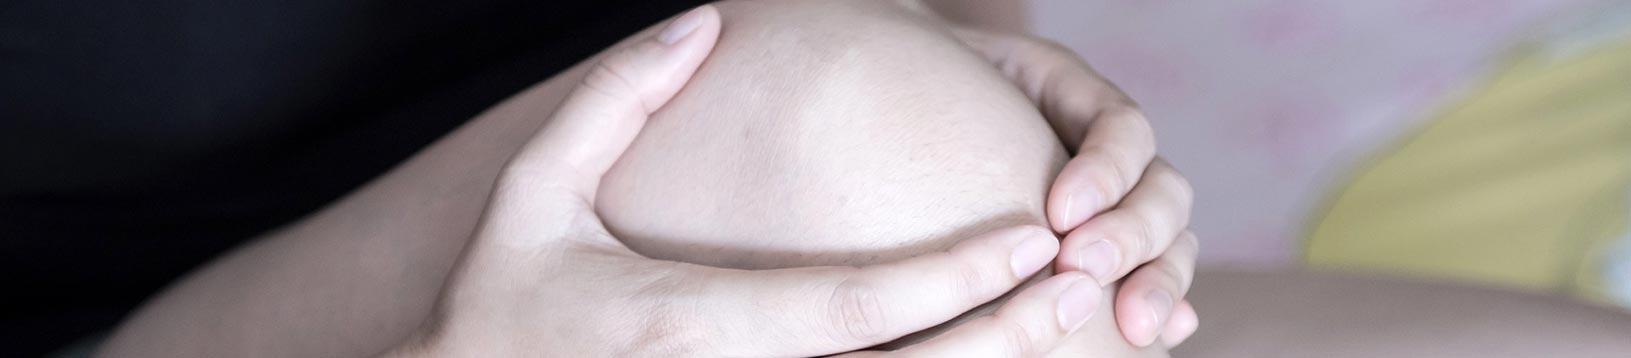 L'Artrite Reumatoide è un processo infiammatorio di una o più articolazioni, scrive in un articolo il Fisioterapista Giuseppe La Mendola